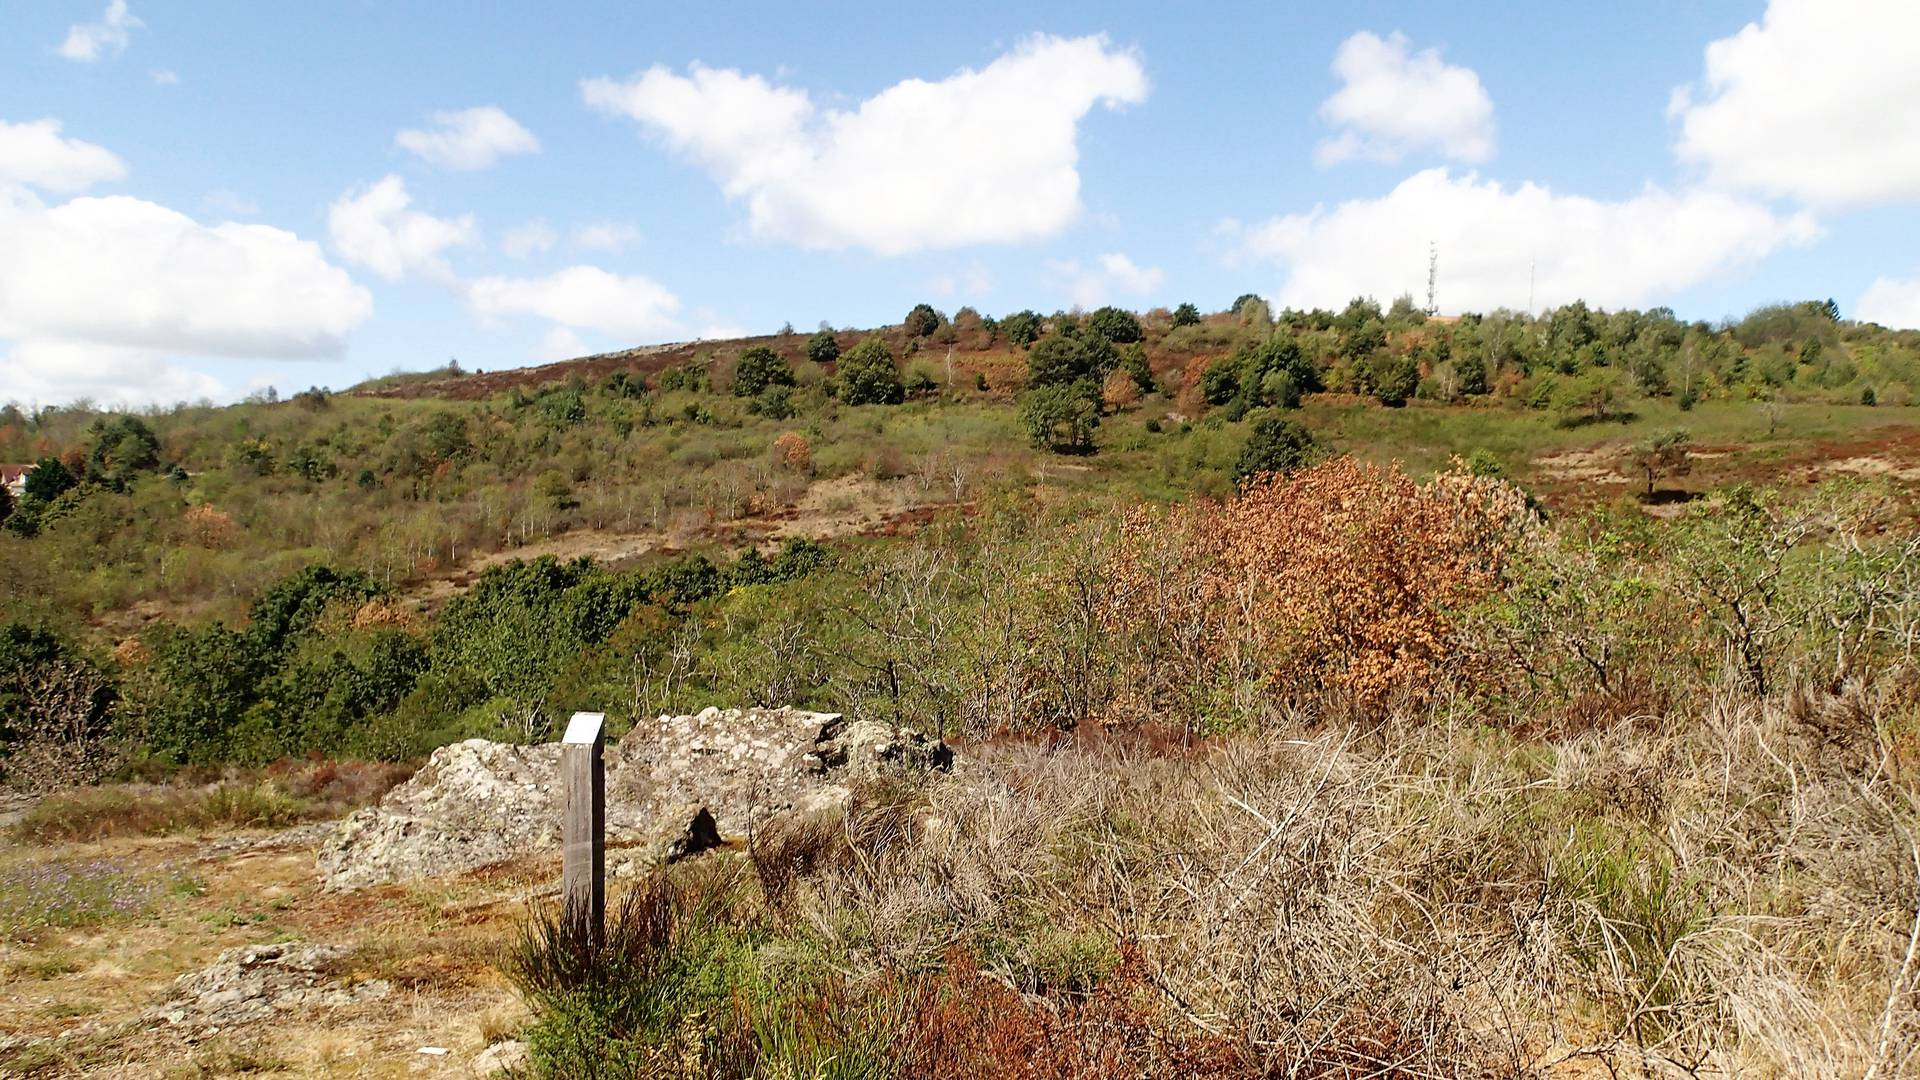 La lande de la Chaume, Le Creusot. © Conservatoire d'Espaces Naturels de Bourgogne.